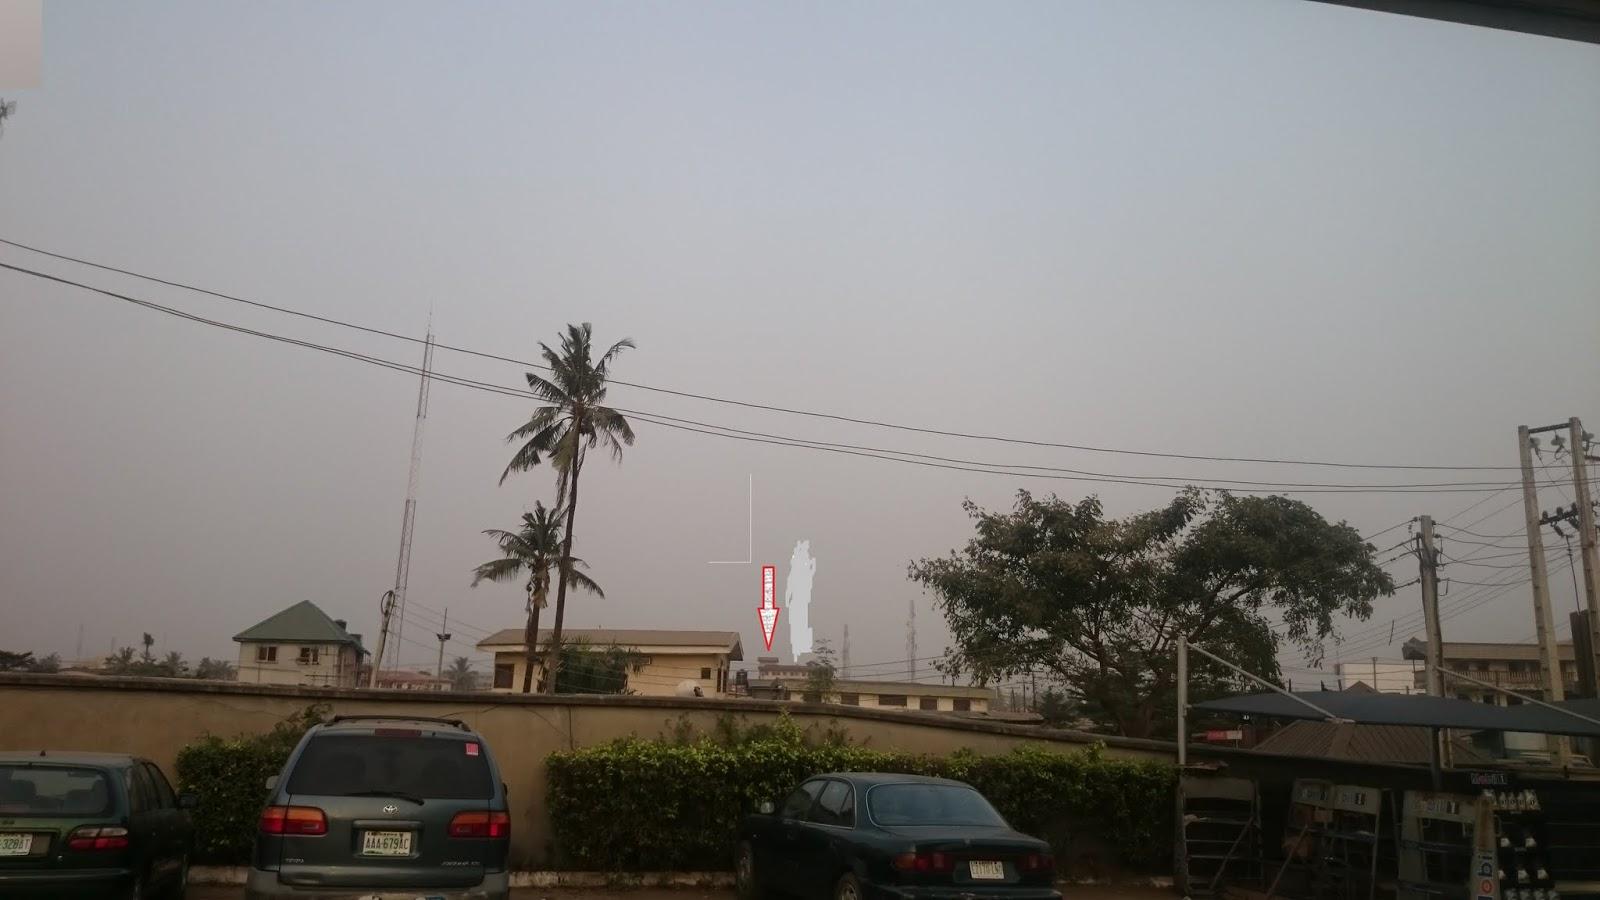 Sky View - Iyana Ipaja, Lagos